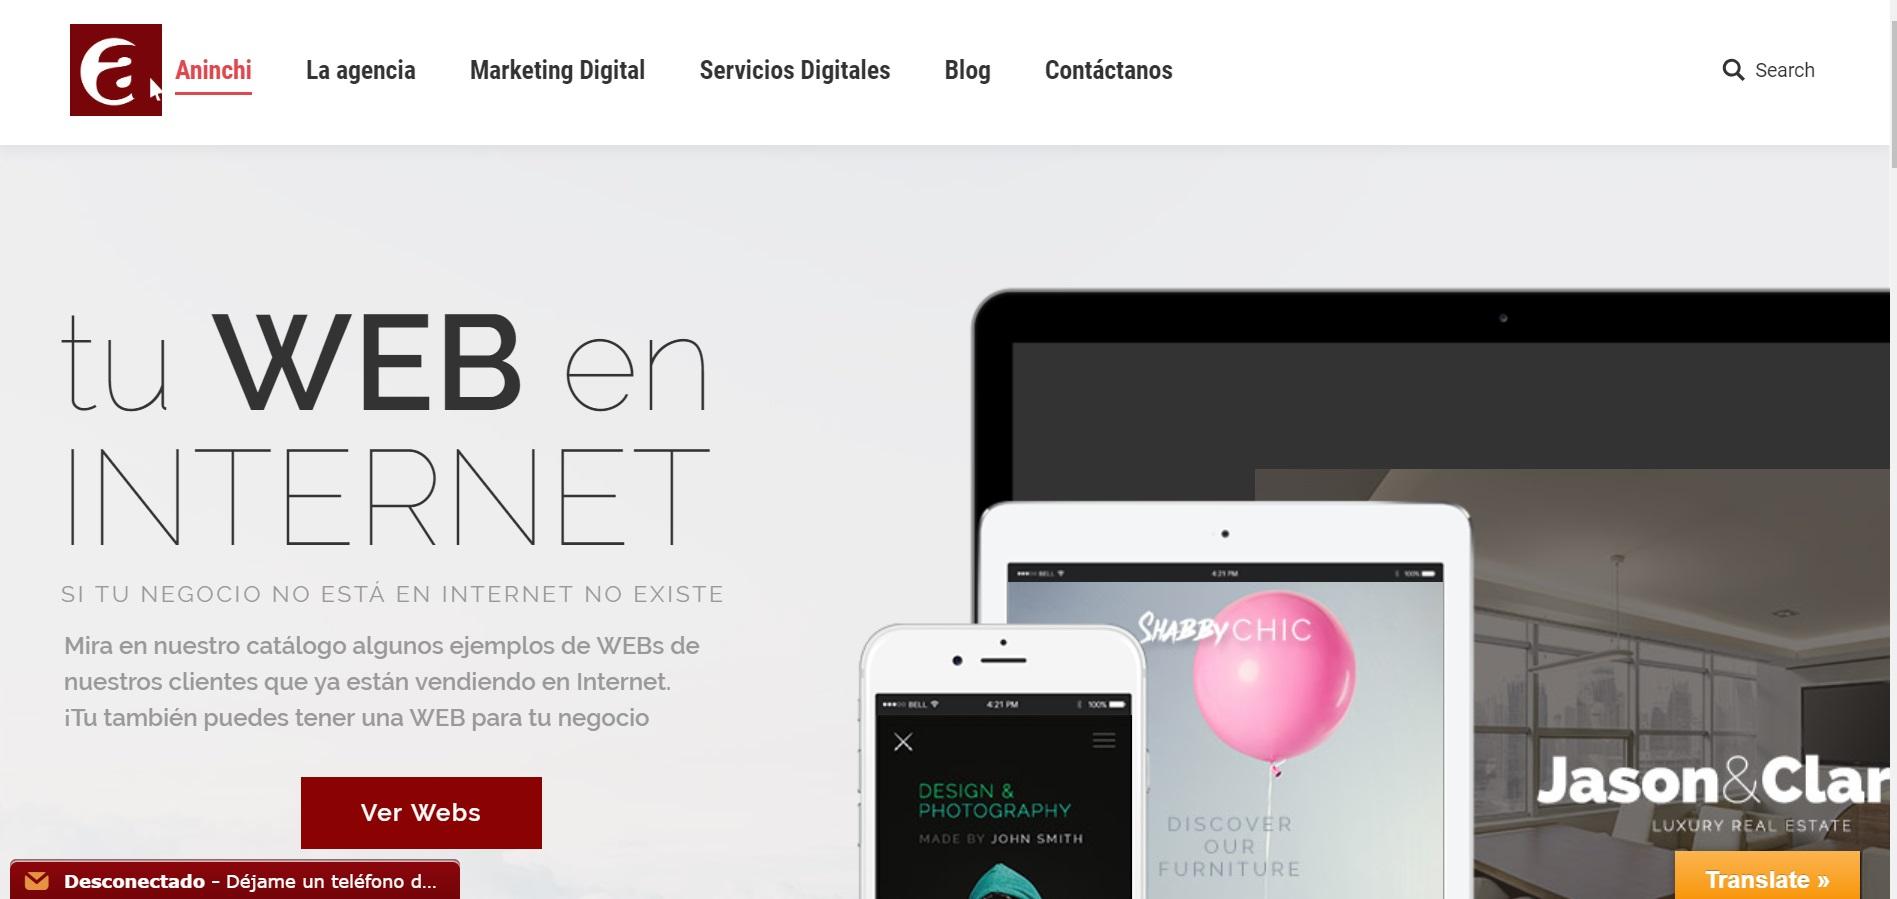 Een screenshot van de aninchi spanje website aninchi.com voor ons website portfolio